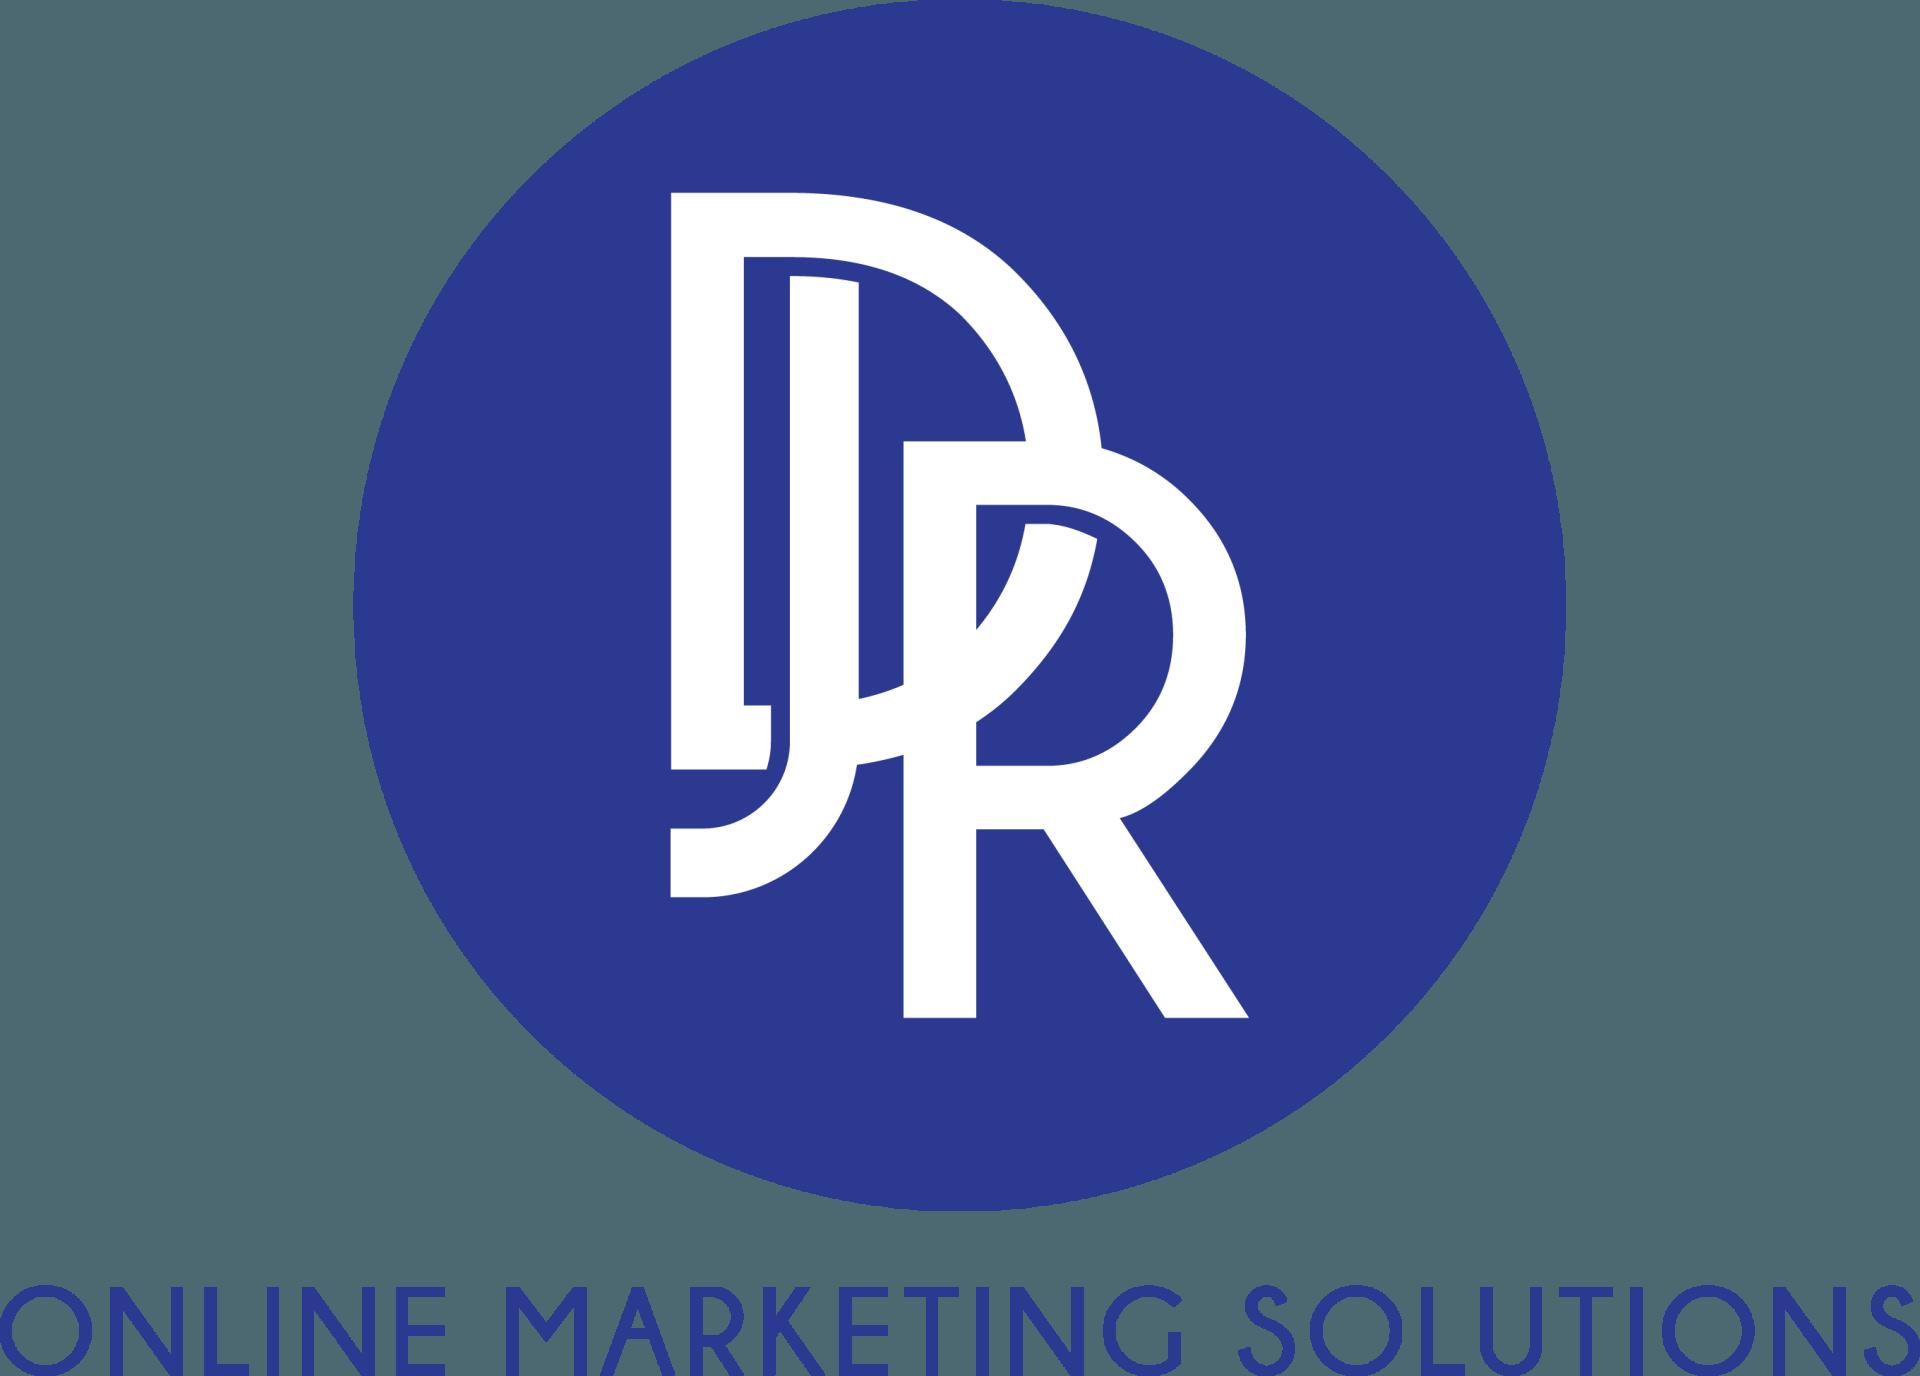 Tampa Website Design & Digital Marketing | DJR Online Marketing